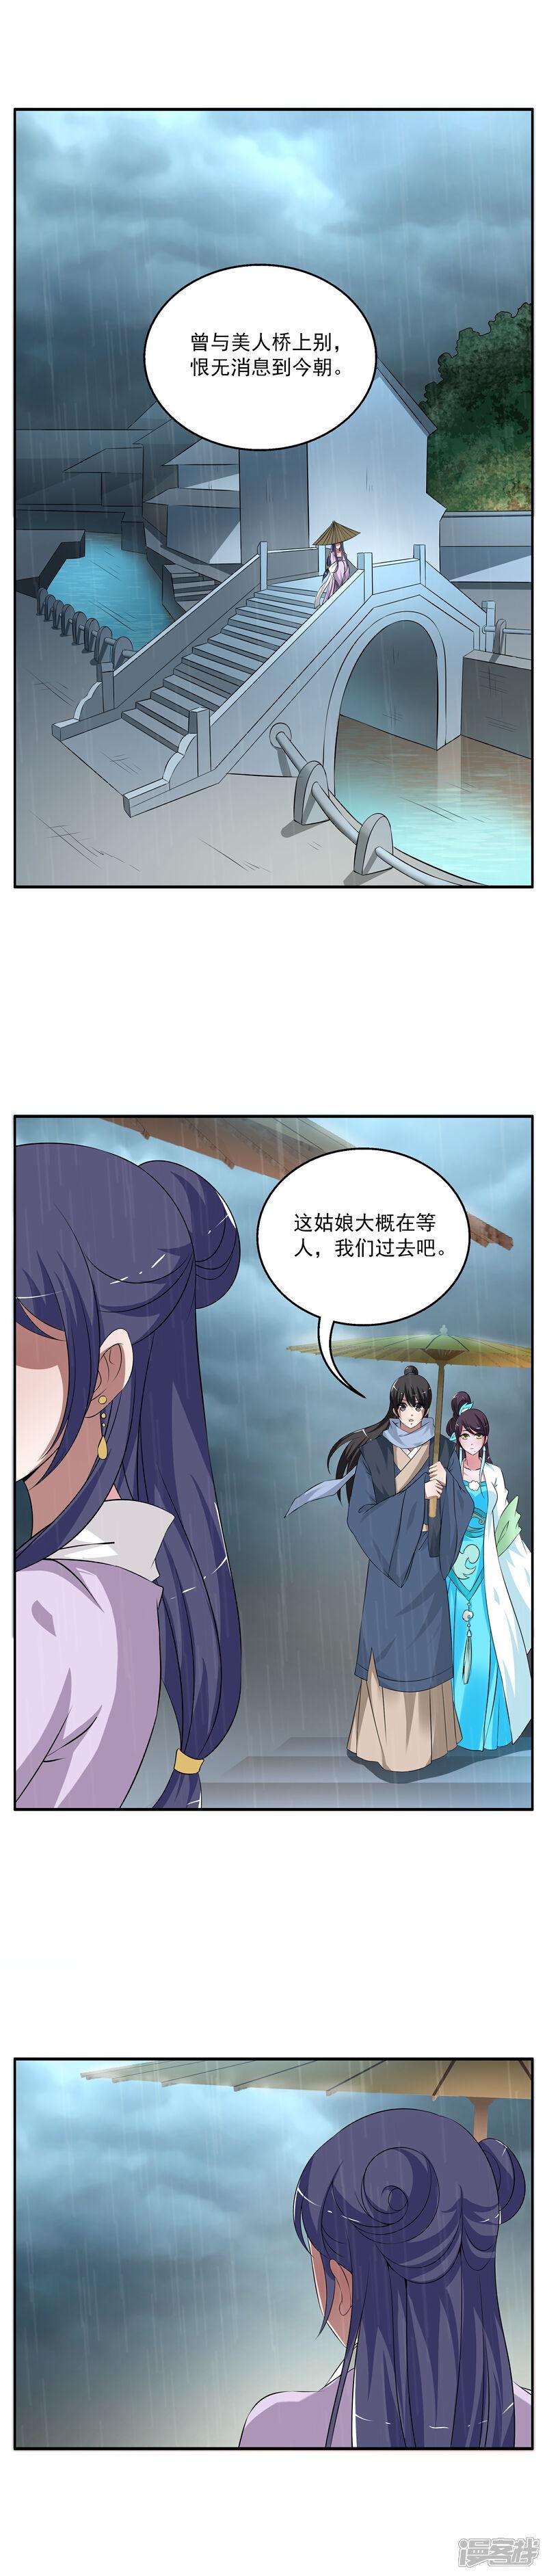 洛小妖188 (3).JPG